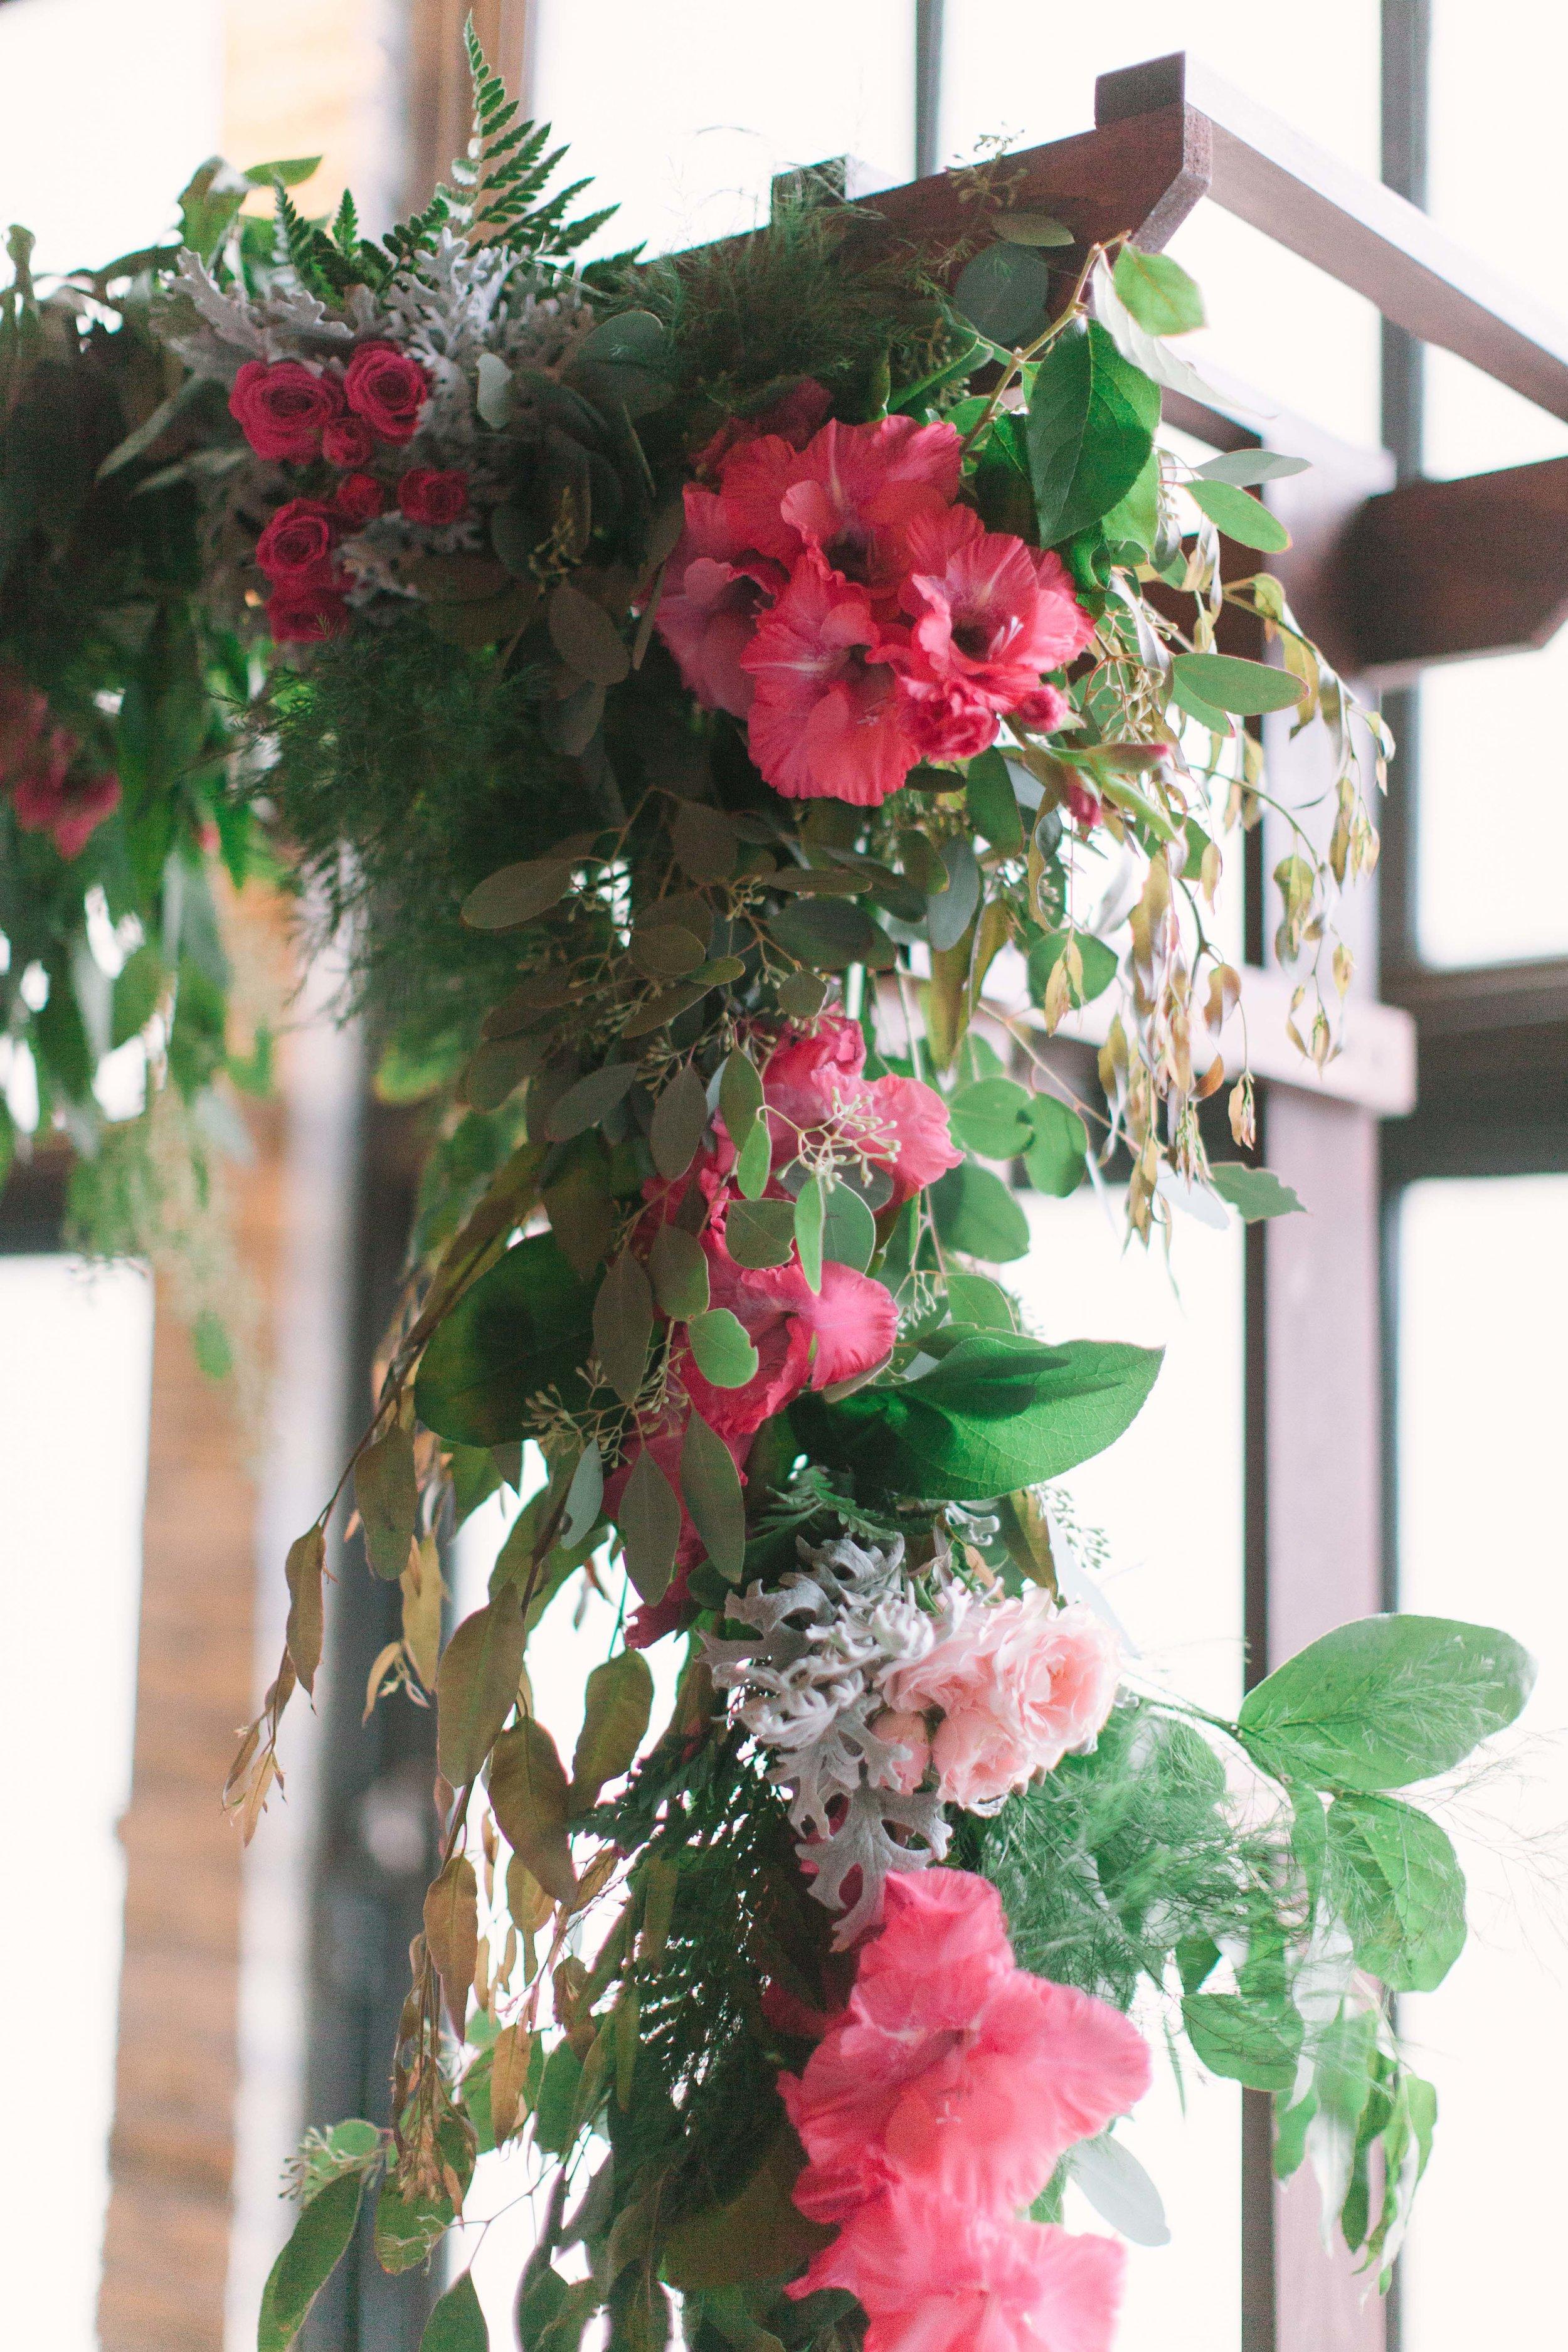 kateweinsteinphoto_clairewillie_wedding-528.jpg